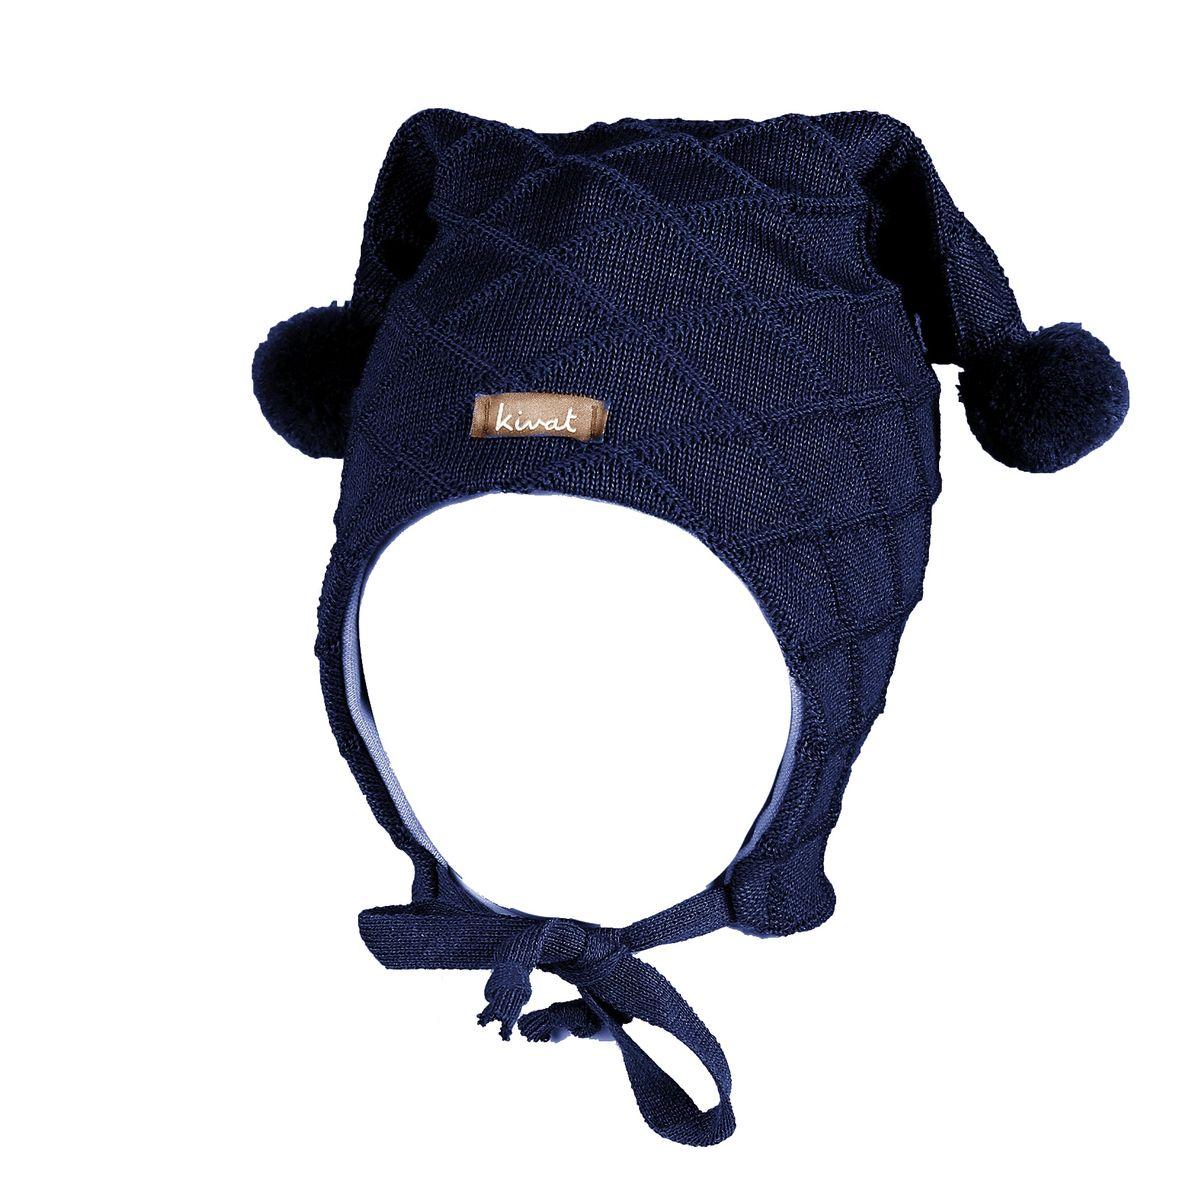 Kivat Cable Hat, marine